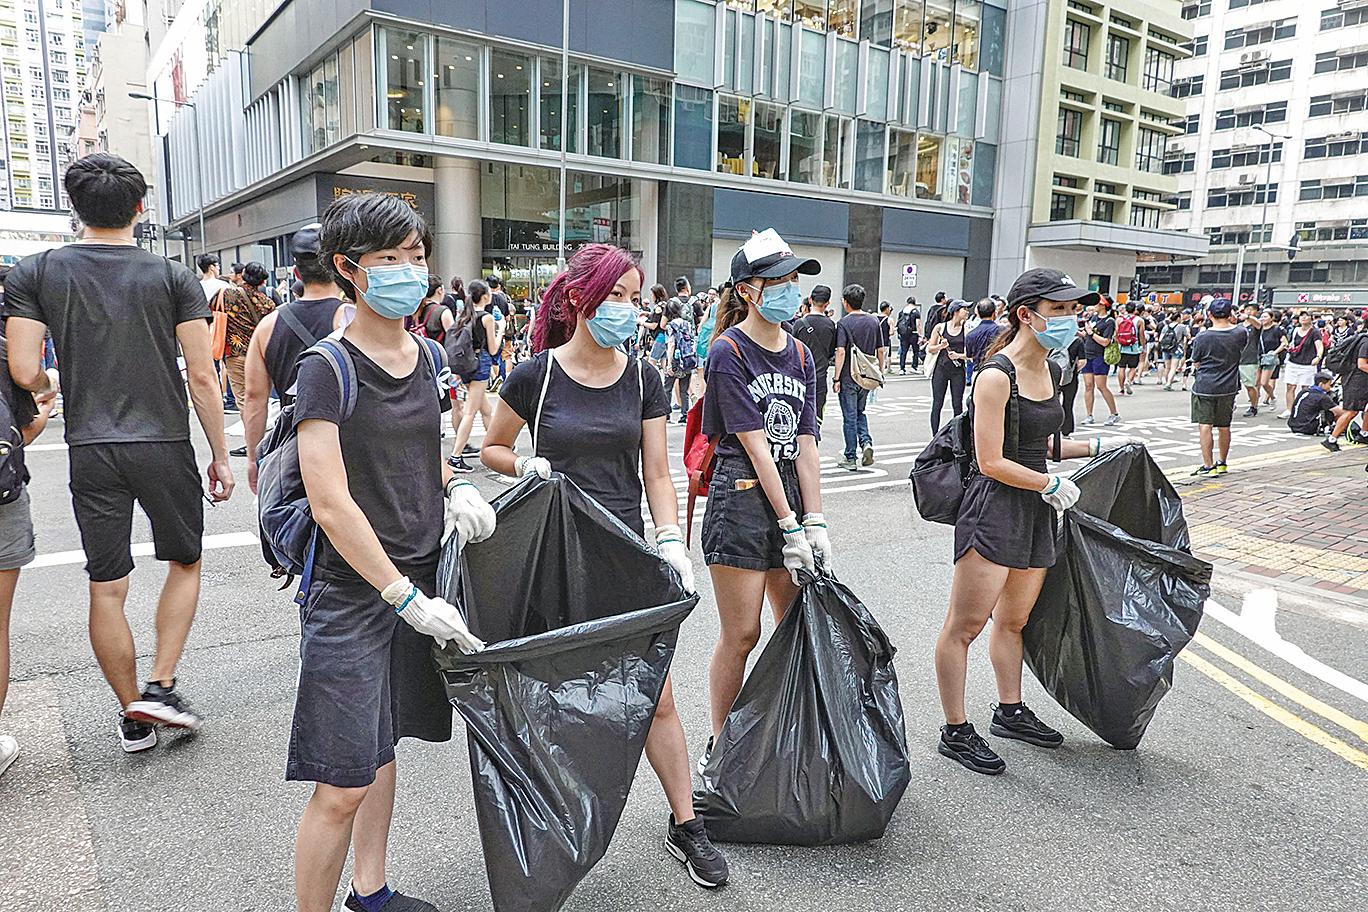 有不少年輕人自發在隊伍中回收垃圾。(余鋼/大紀元)